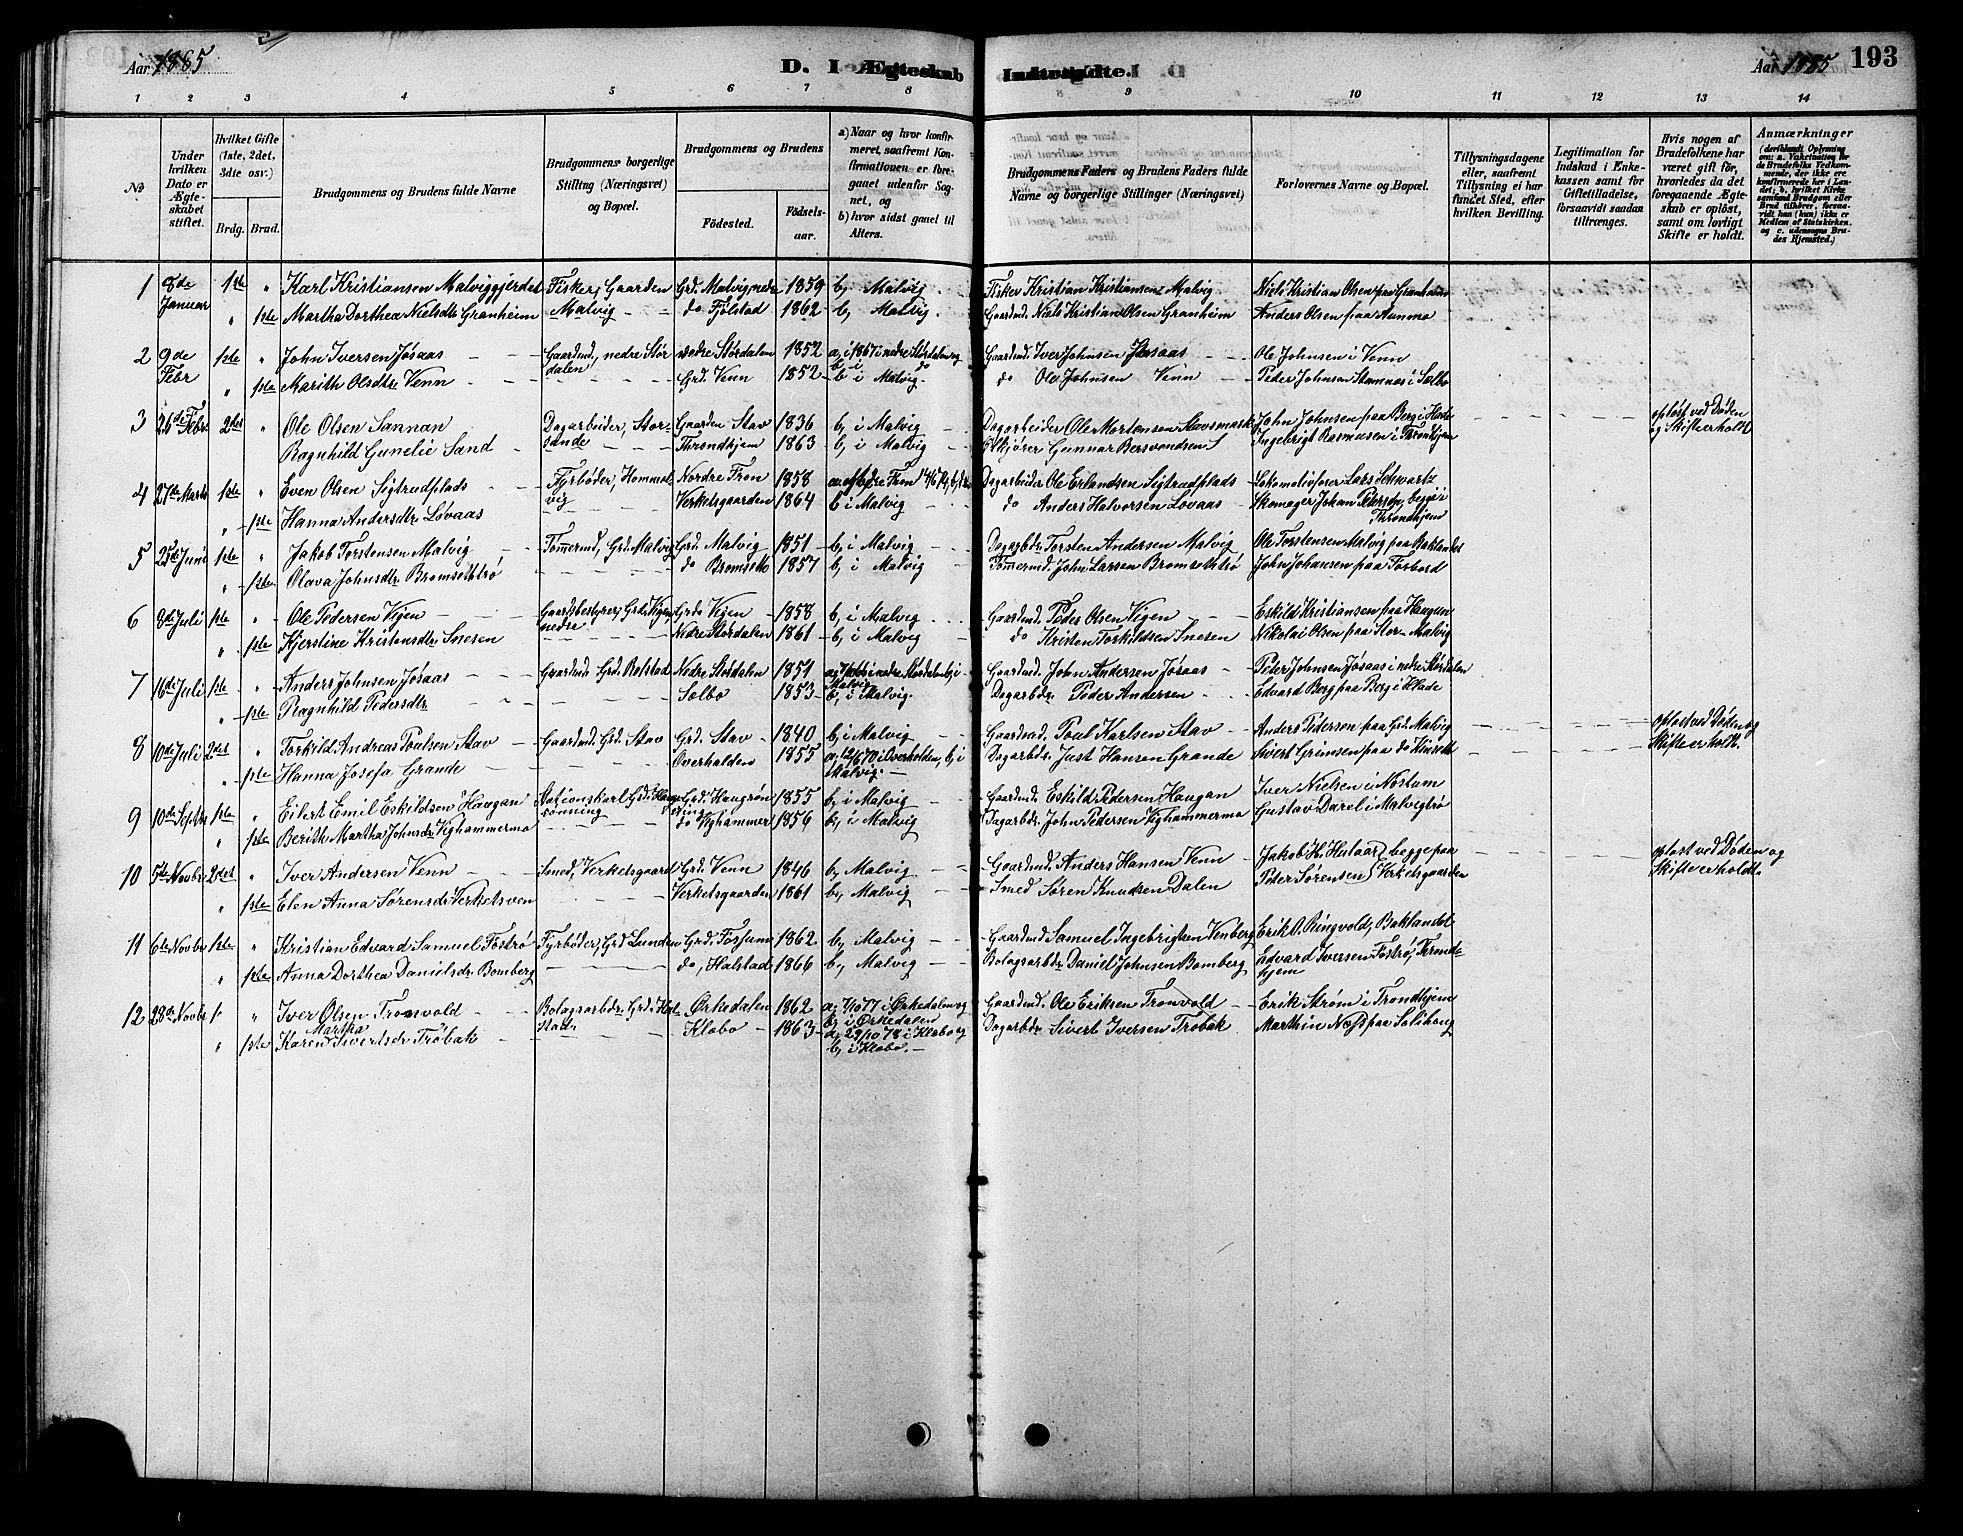 SAT, Ministerialprotokoller, klokkerbøker og fødselsregistre - Sør-Trøndelag, 616/L0423: Klokkerbok nr. 616C06, 1878-1903, s. 193